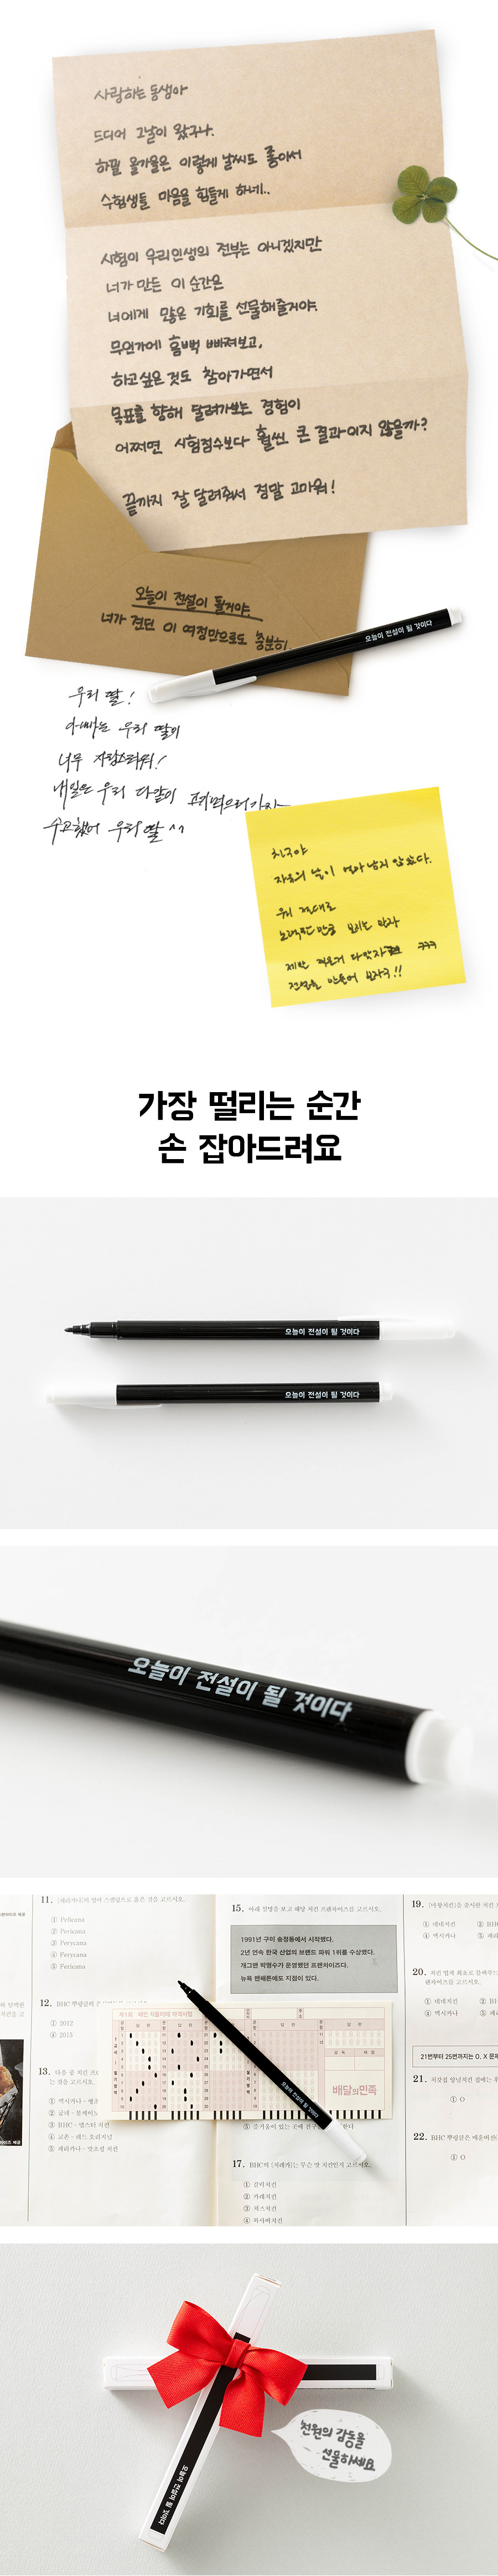 컴퓨터용싸인펜: 오늘이 전설이 될 것이다 - 배달의민족, 1,000원, 수성/중성펜, 심플 펜